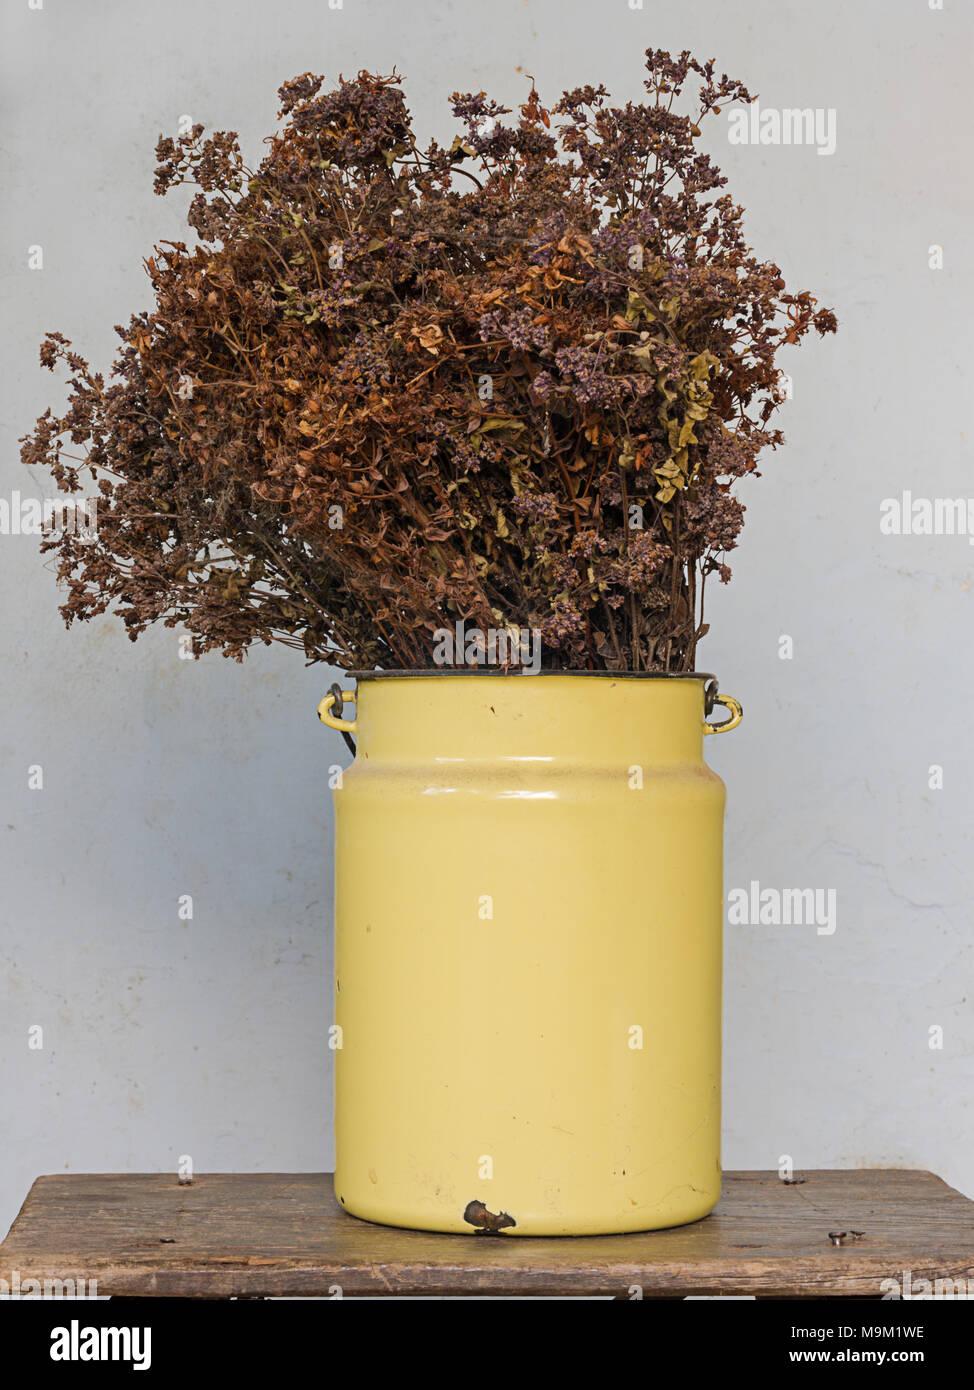 Haus Dekoration Konzept: Getrocknete Blumen In Einem Gelben Metall Topf Auf  Alten Hölzernen Schemel Mit Nägel Heraus